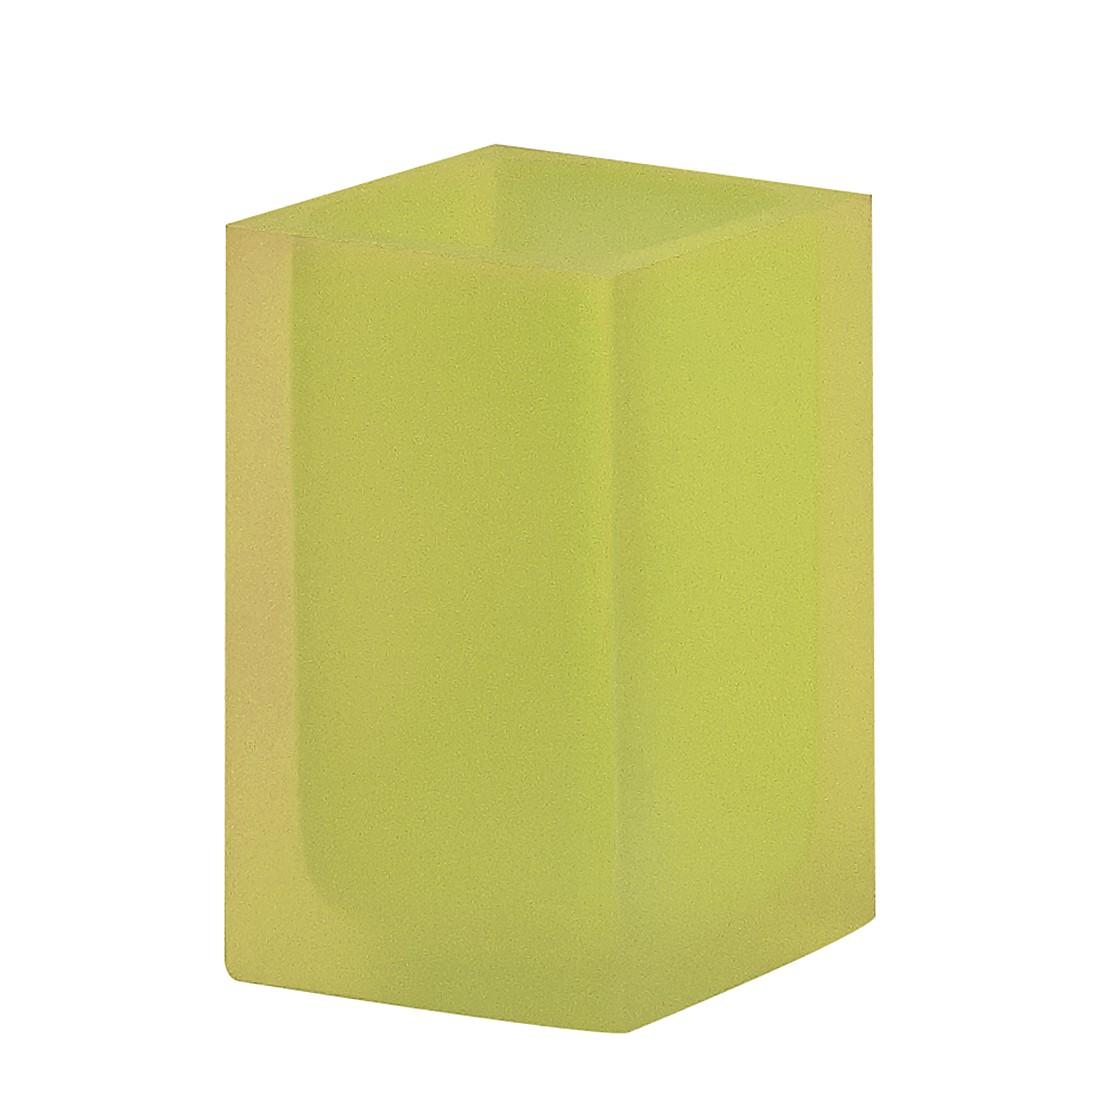 Beker Cube - Limegroen, Nicol Wohnausstattungen